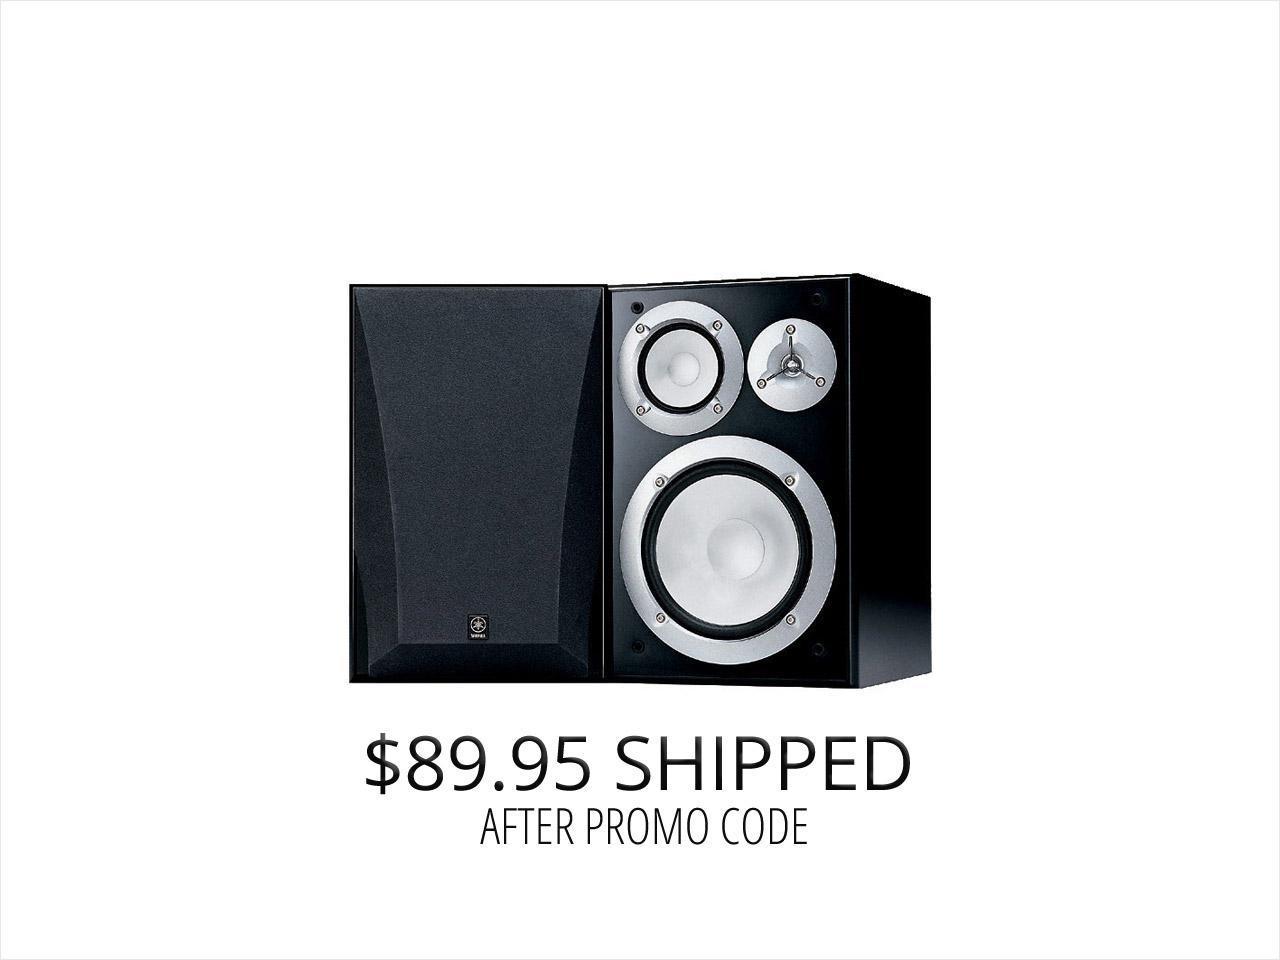 Yamaha NS 6490 3 Way Bookshelf Speakers Black Finish Pair